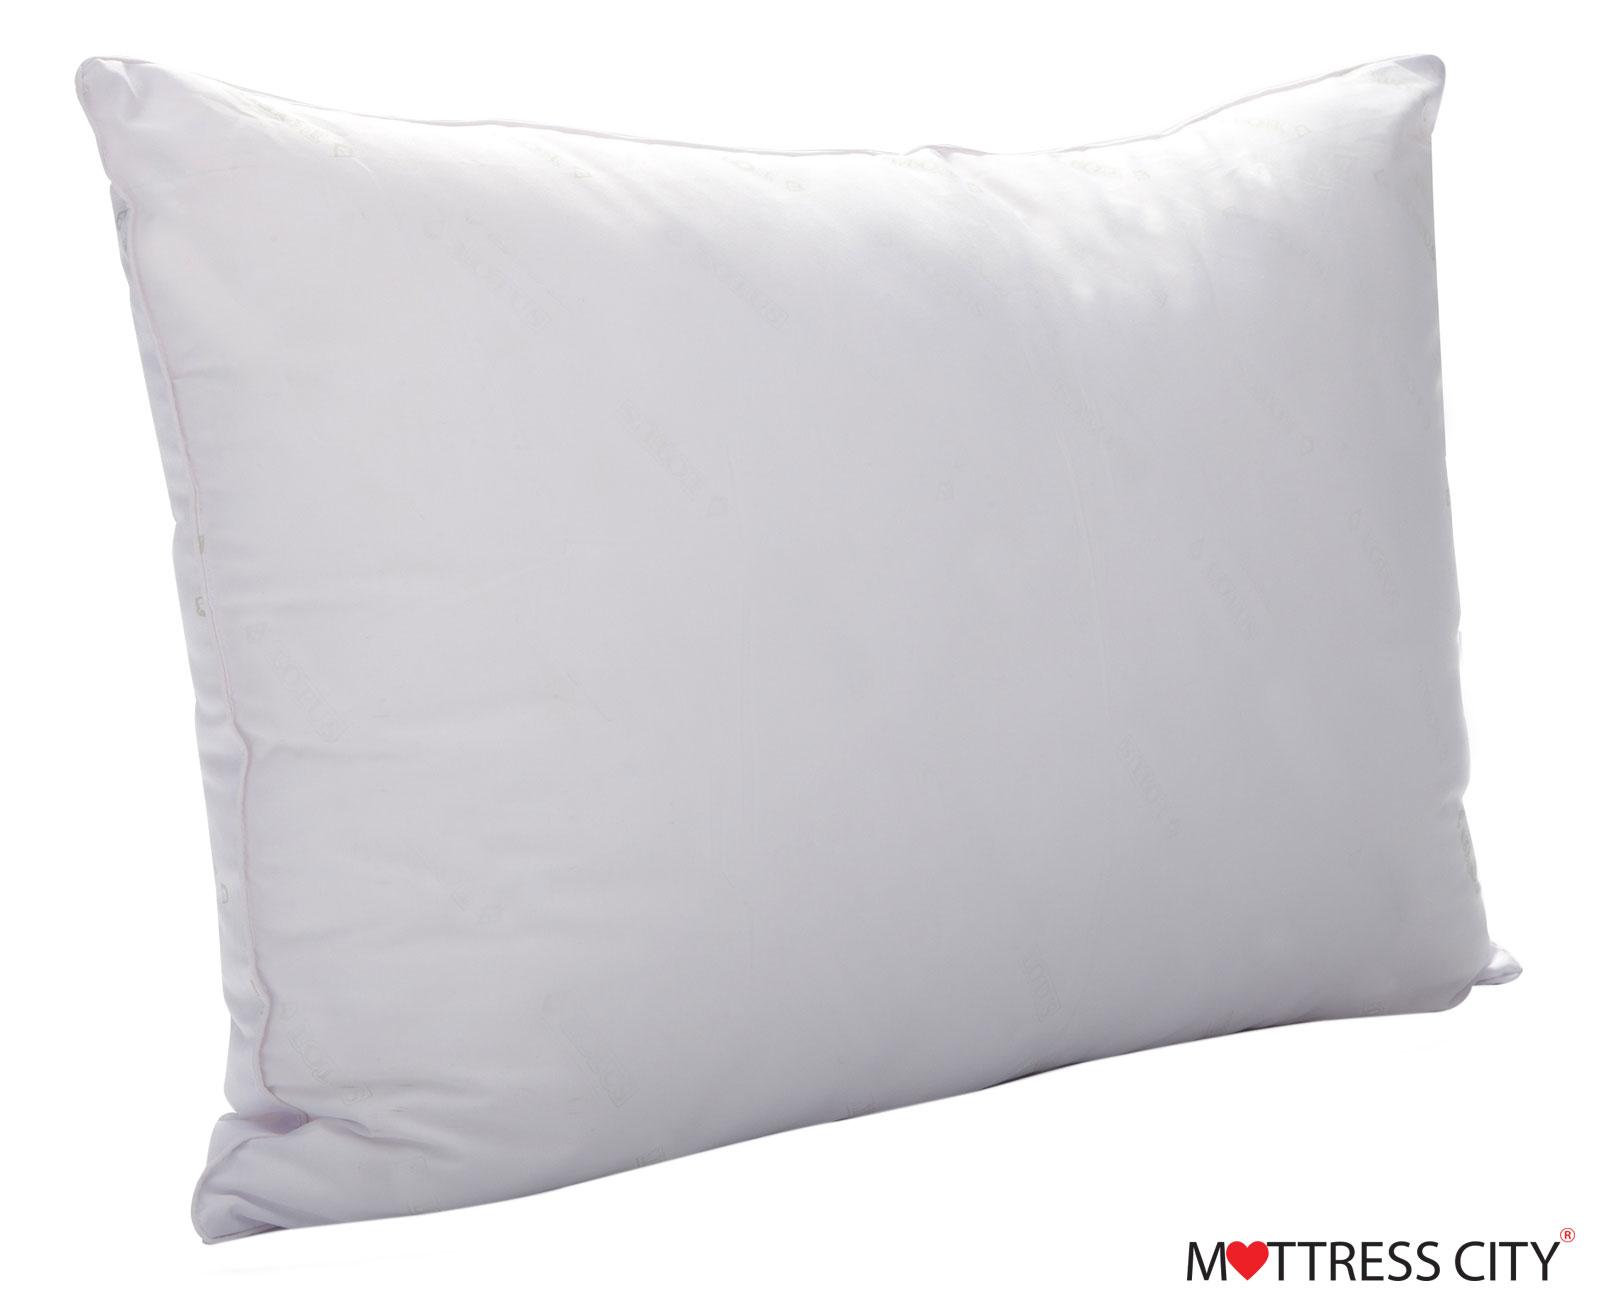 Lotus Health Vacuum Pillow